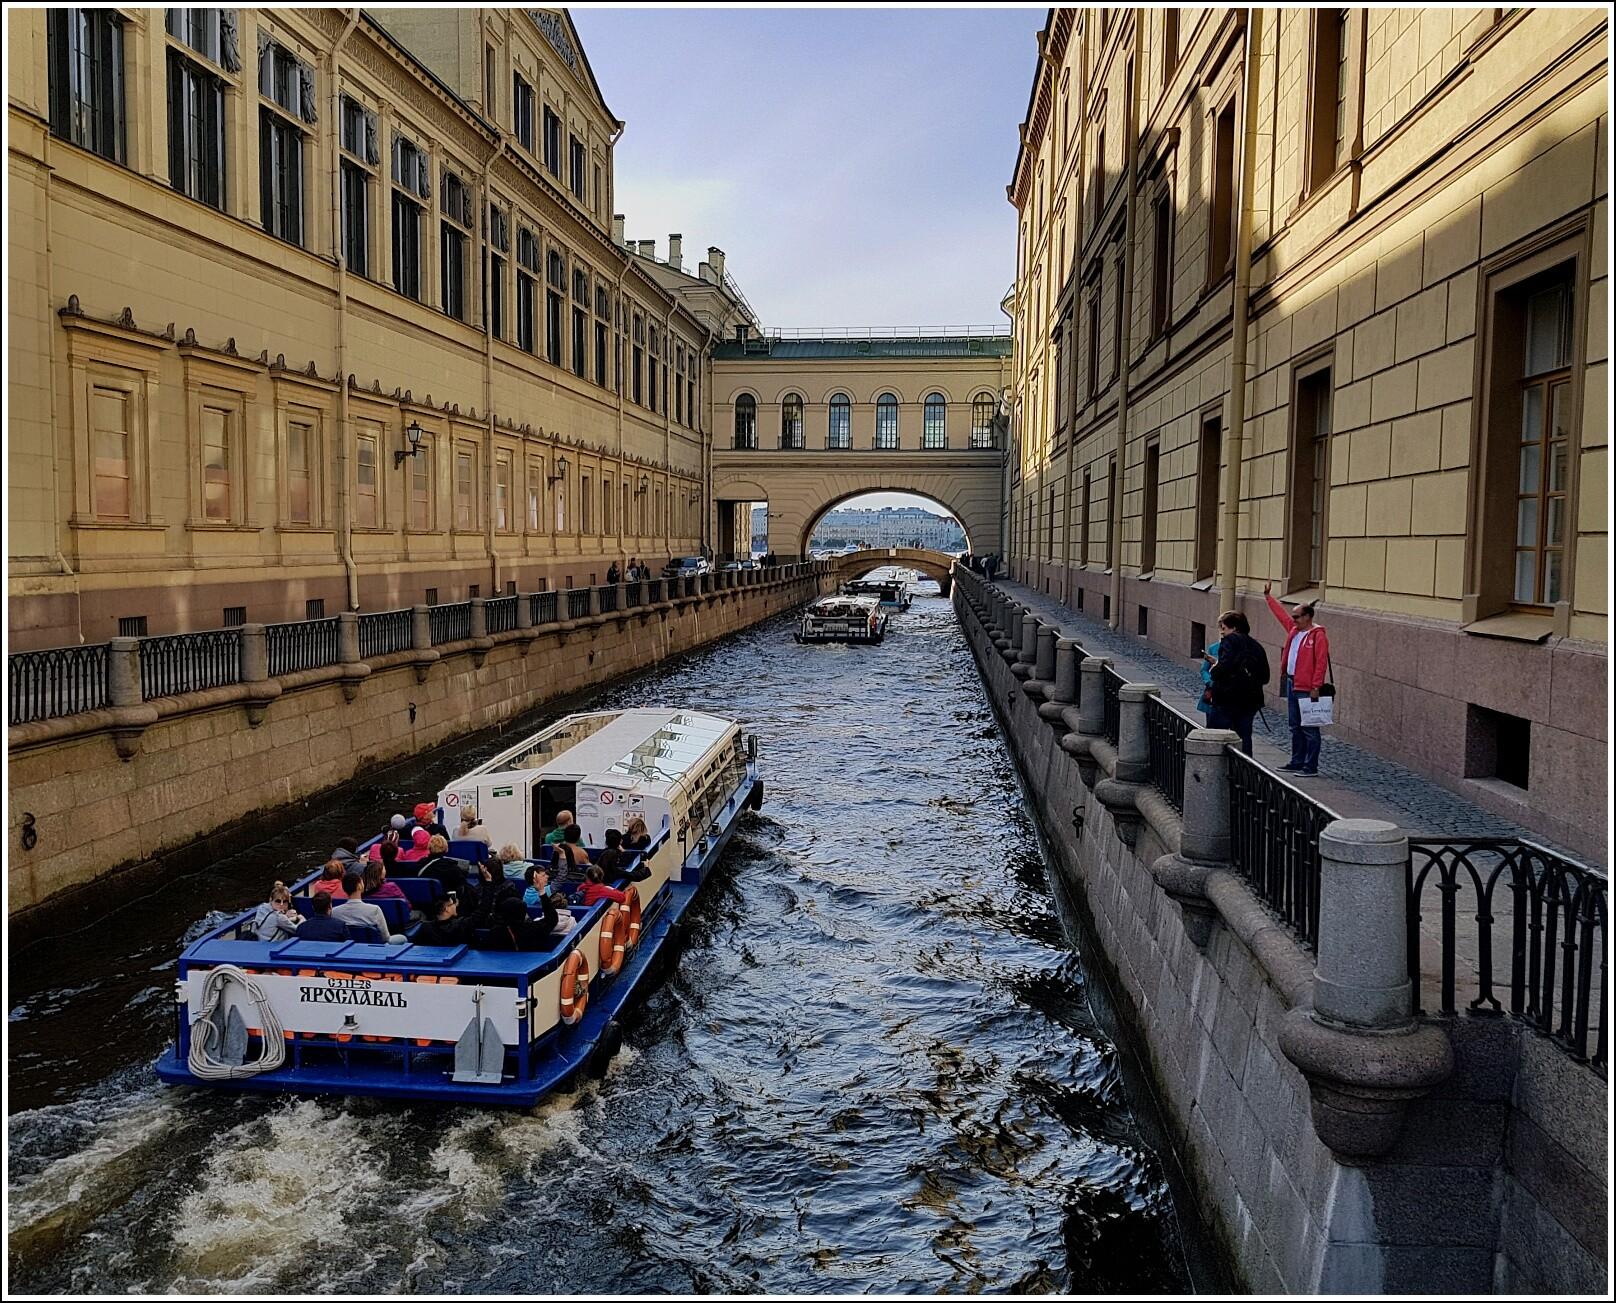 Чуфальня, Гаврюша и встреча туристеровцев в Петербурге